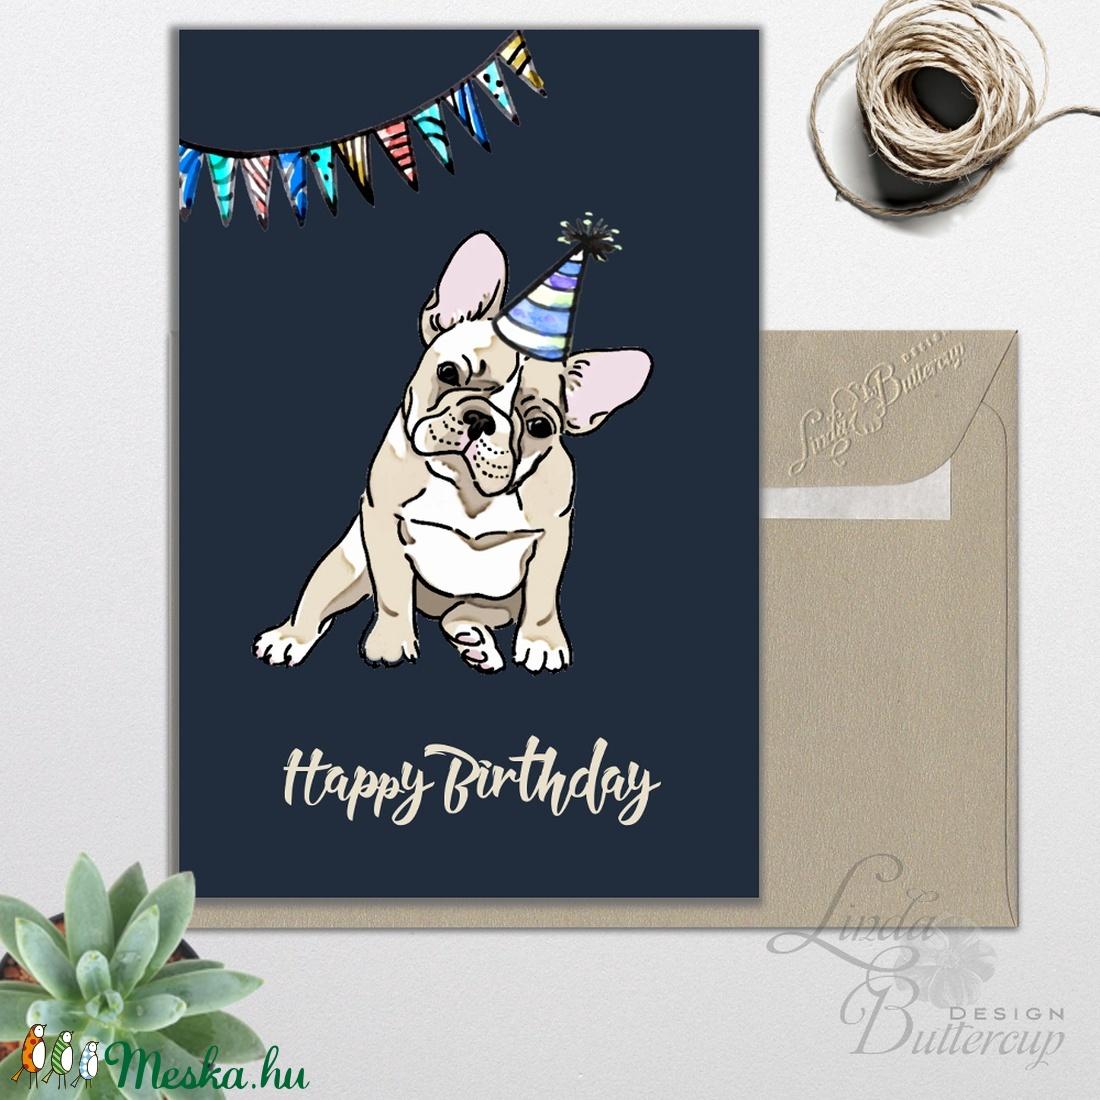 Szülinapi képeslap, kutyás képeslap, francia bulldog, kutya, Személyre szóló Születésnapi lap, Állatos Képeslap, egyedi (LindaButtercup) - Meska.hu